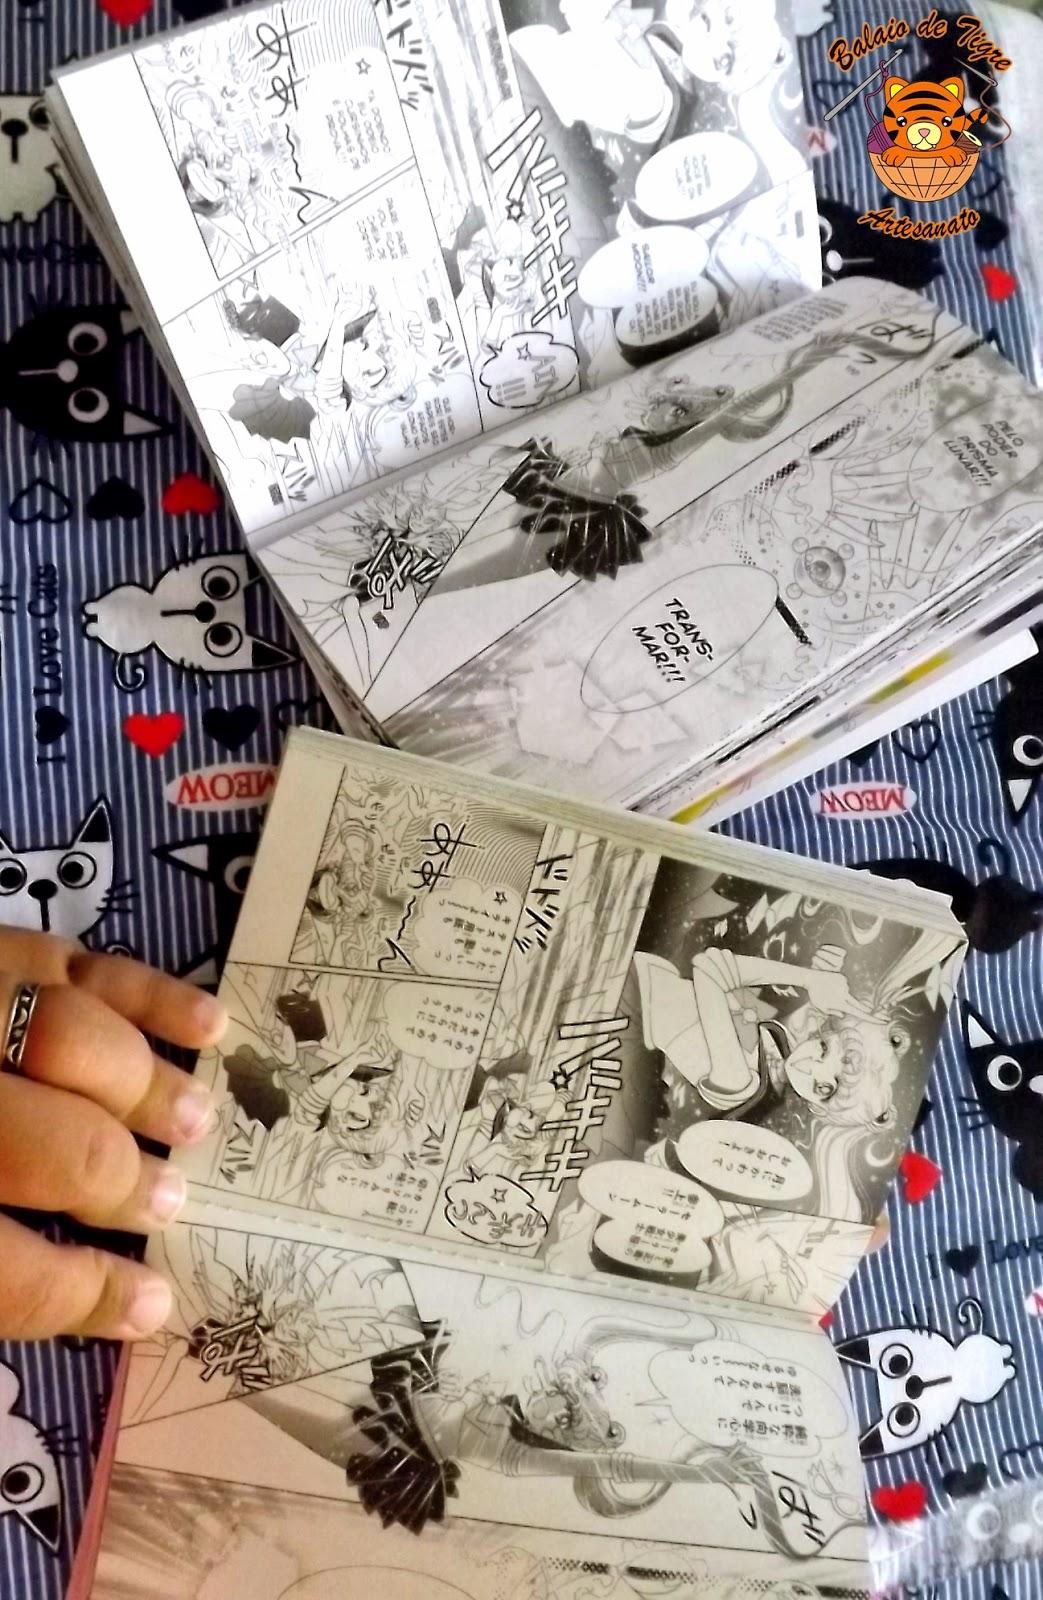 mangá sailor moon brasileiro japones comparação balaio de tigre artesanato